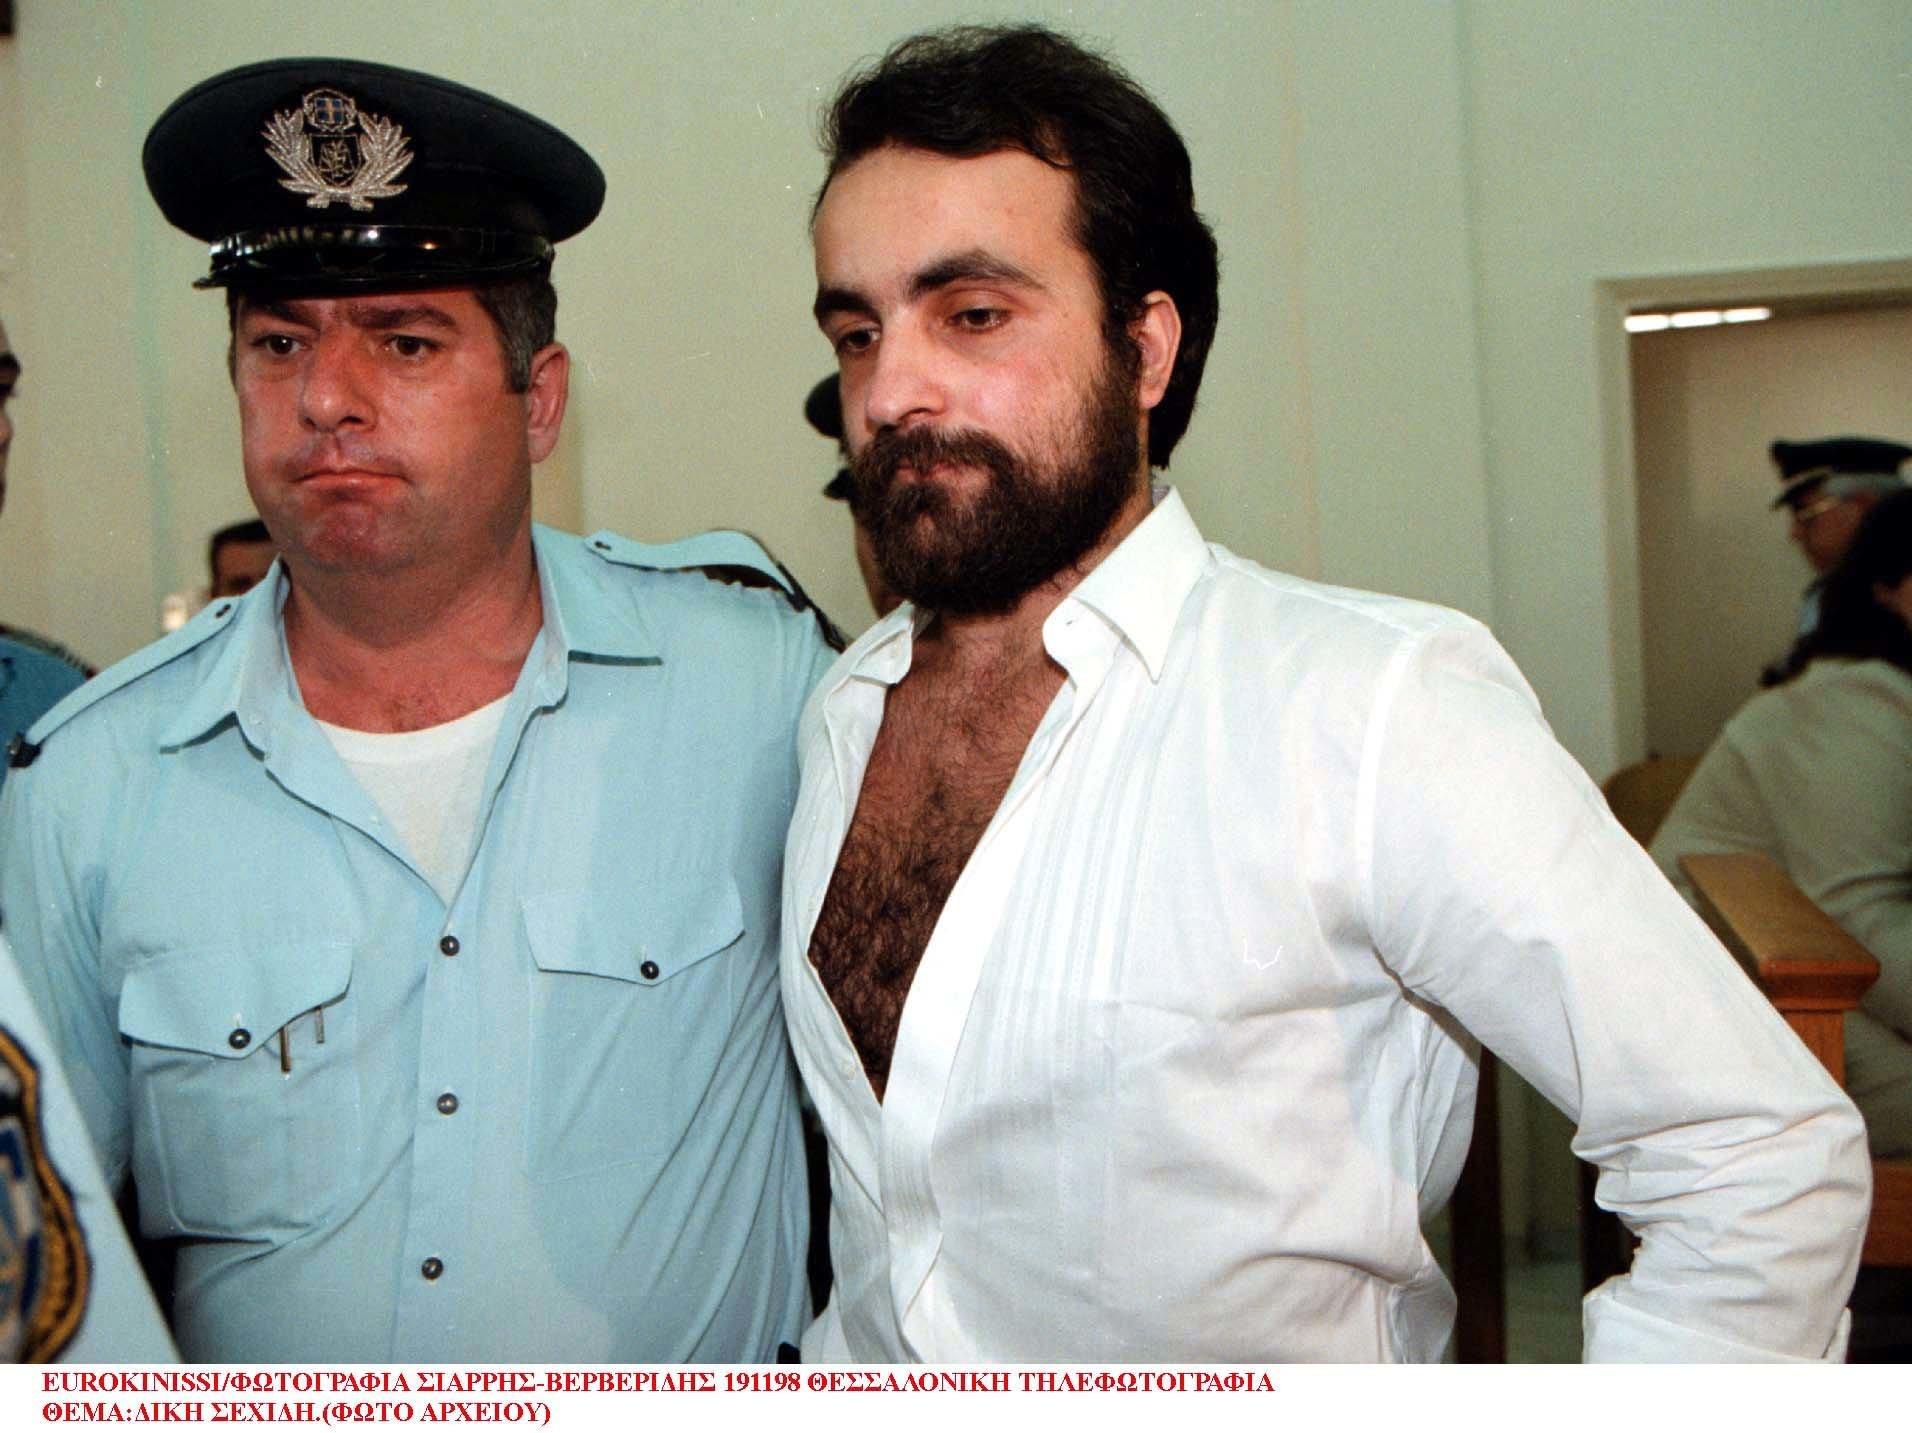 Νεκρός στο ψυχιατρείο των φυλακών ο Θεόφιλος Σεχίδης - Είχε σκοτώσει όλη την οικογένειά του στη